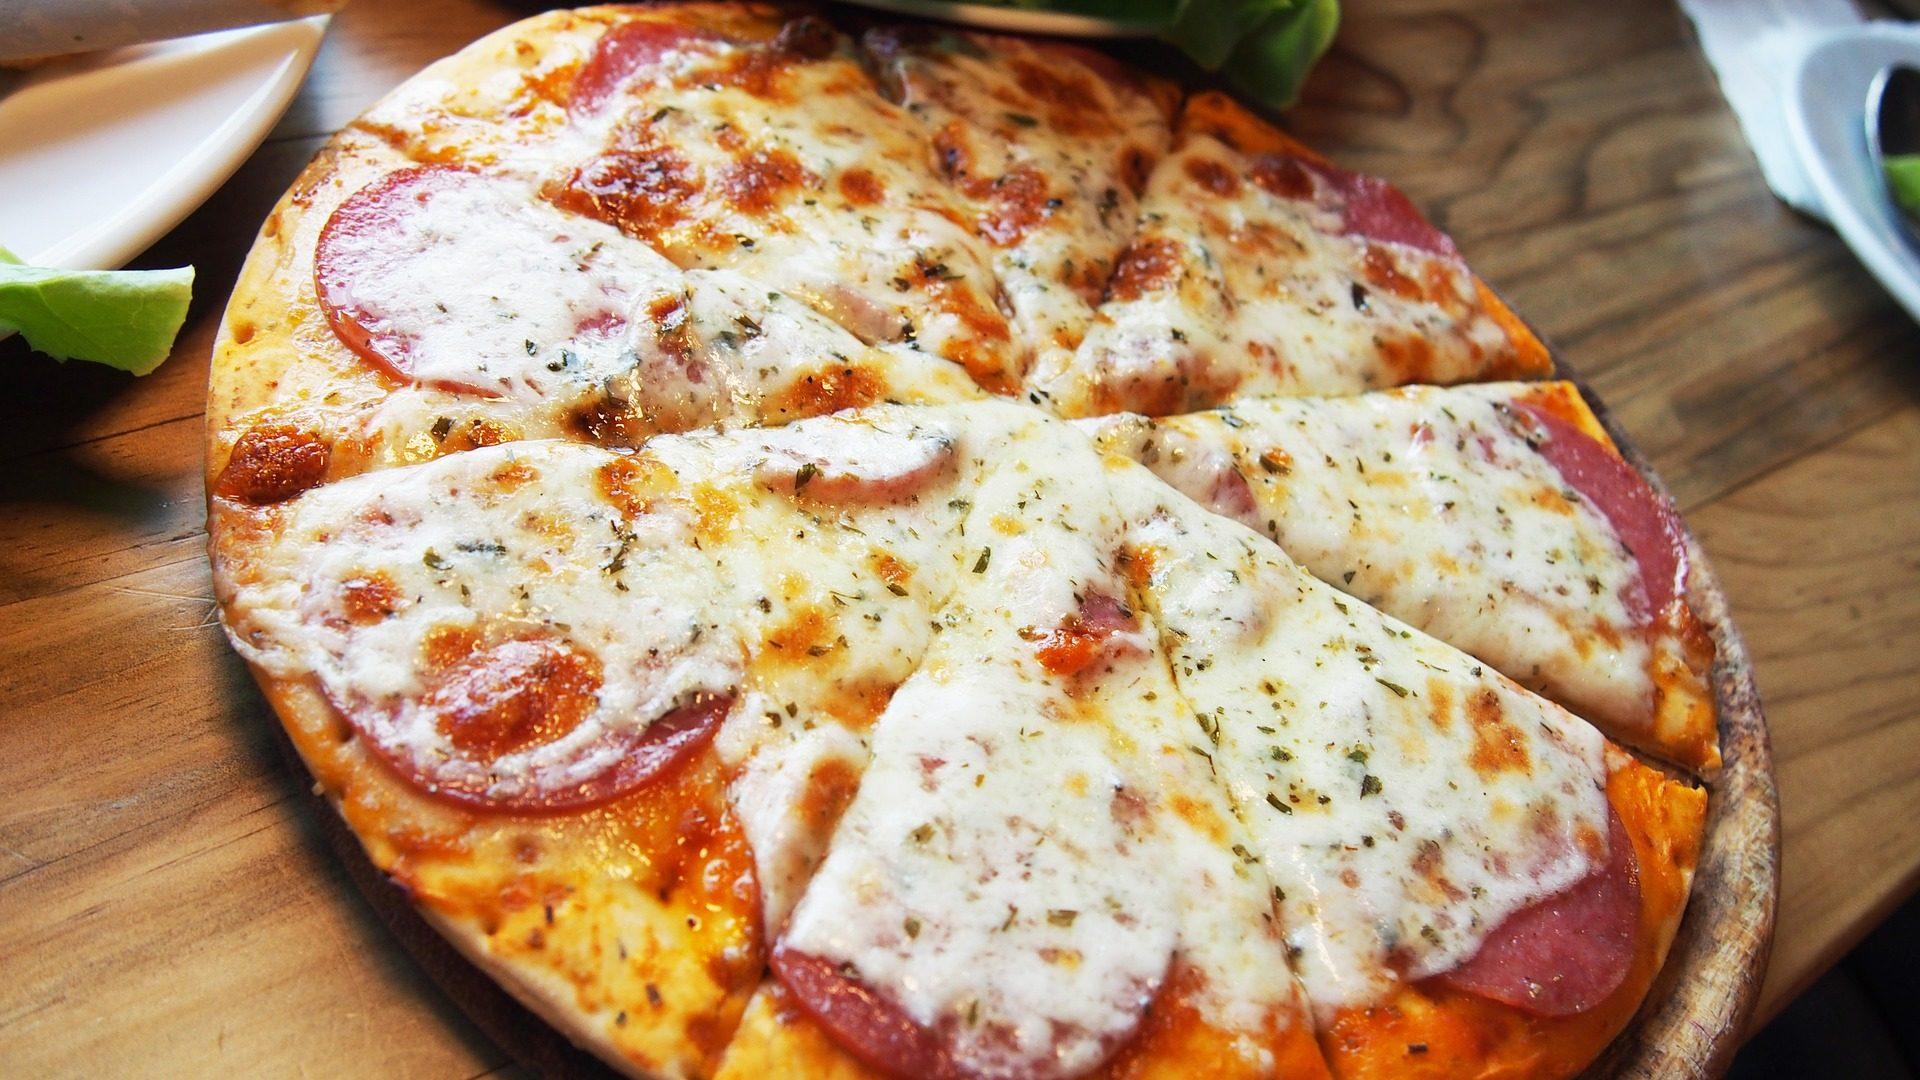 Пицца, сыр, Пепперони, помидор, запеканкой - Обои HD - Профессор falken.com